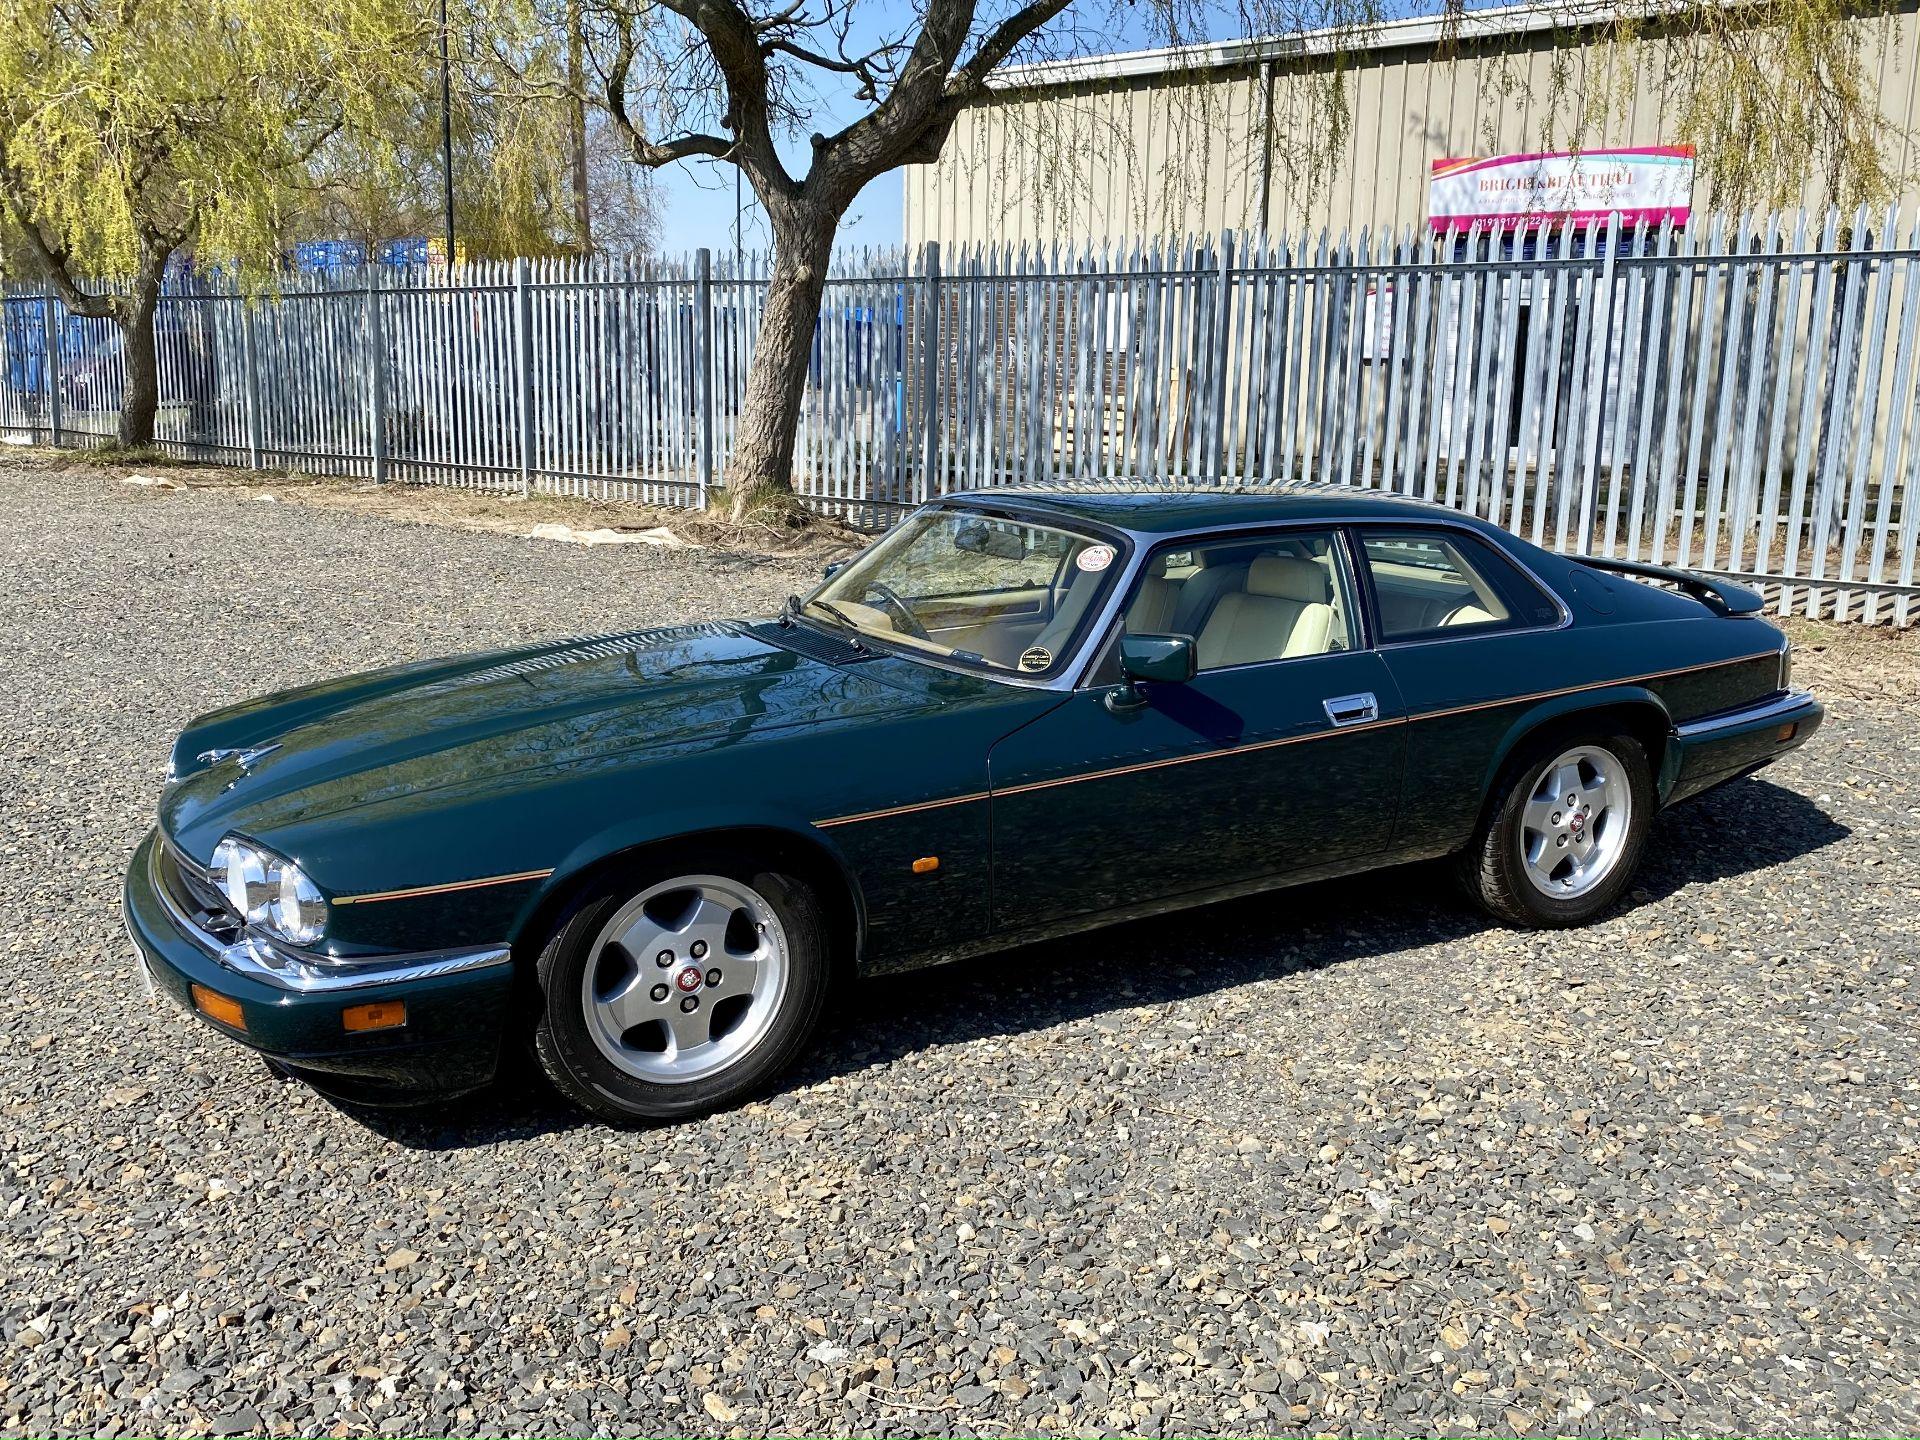 Jaguar XJS coupe - Image 14 of 64